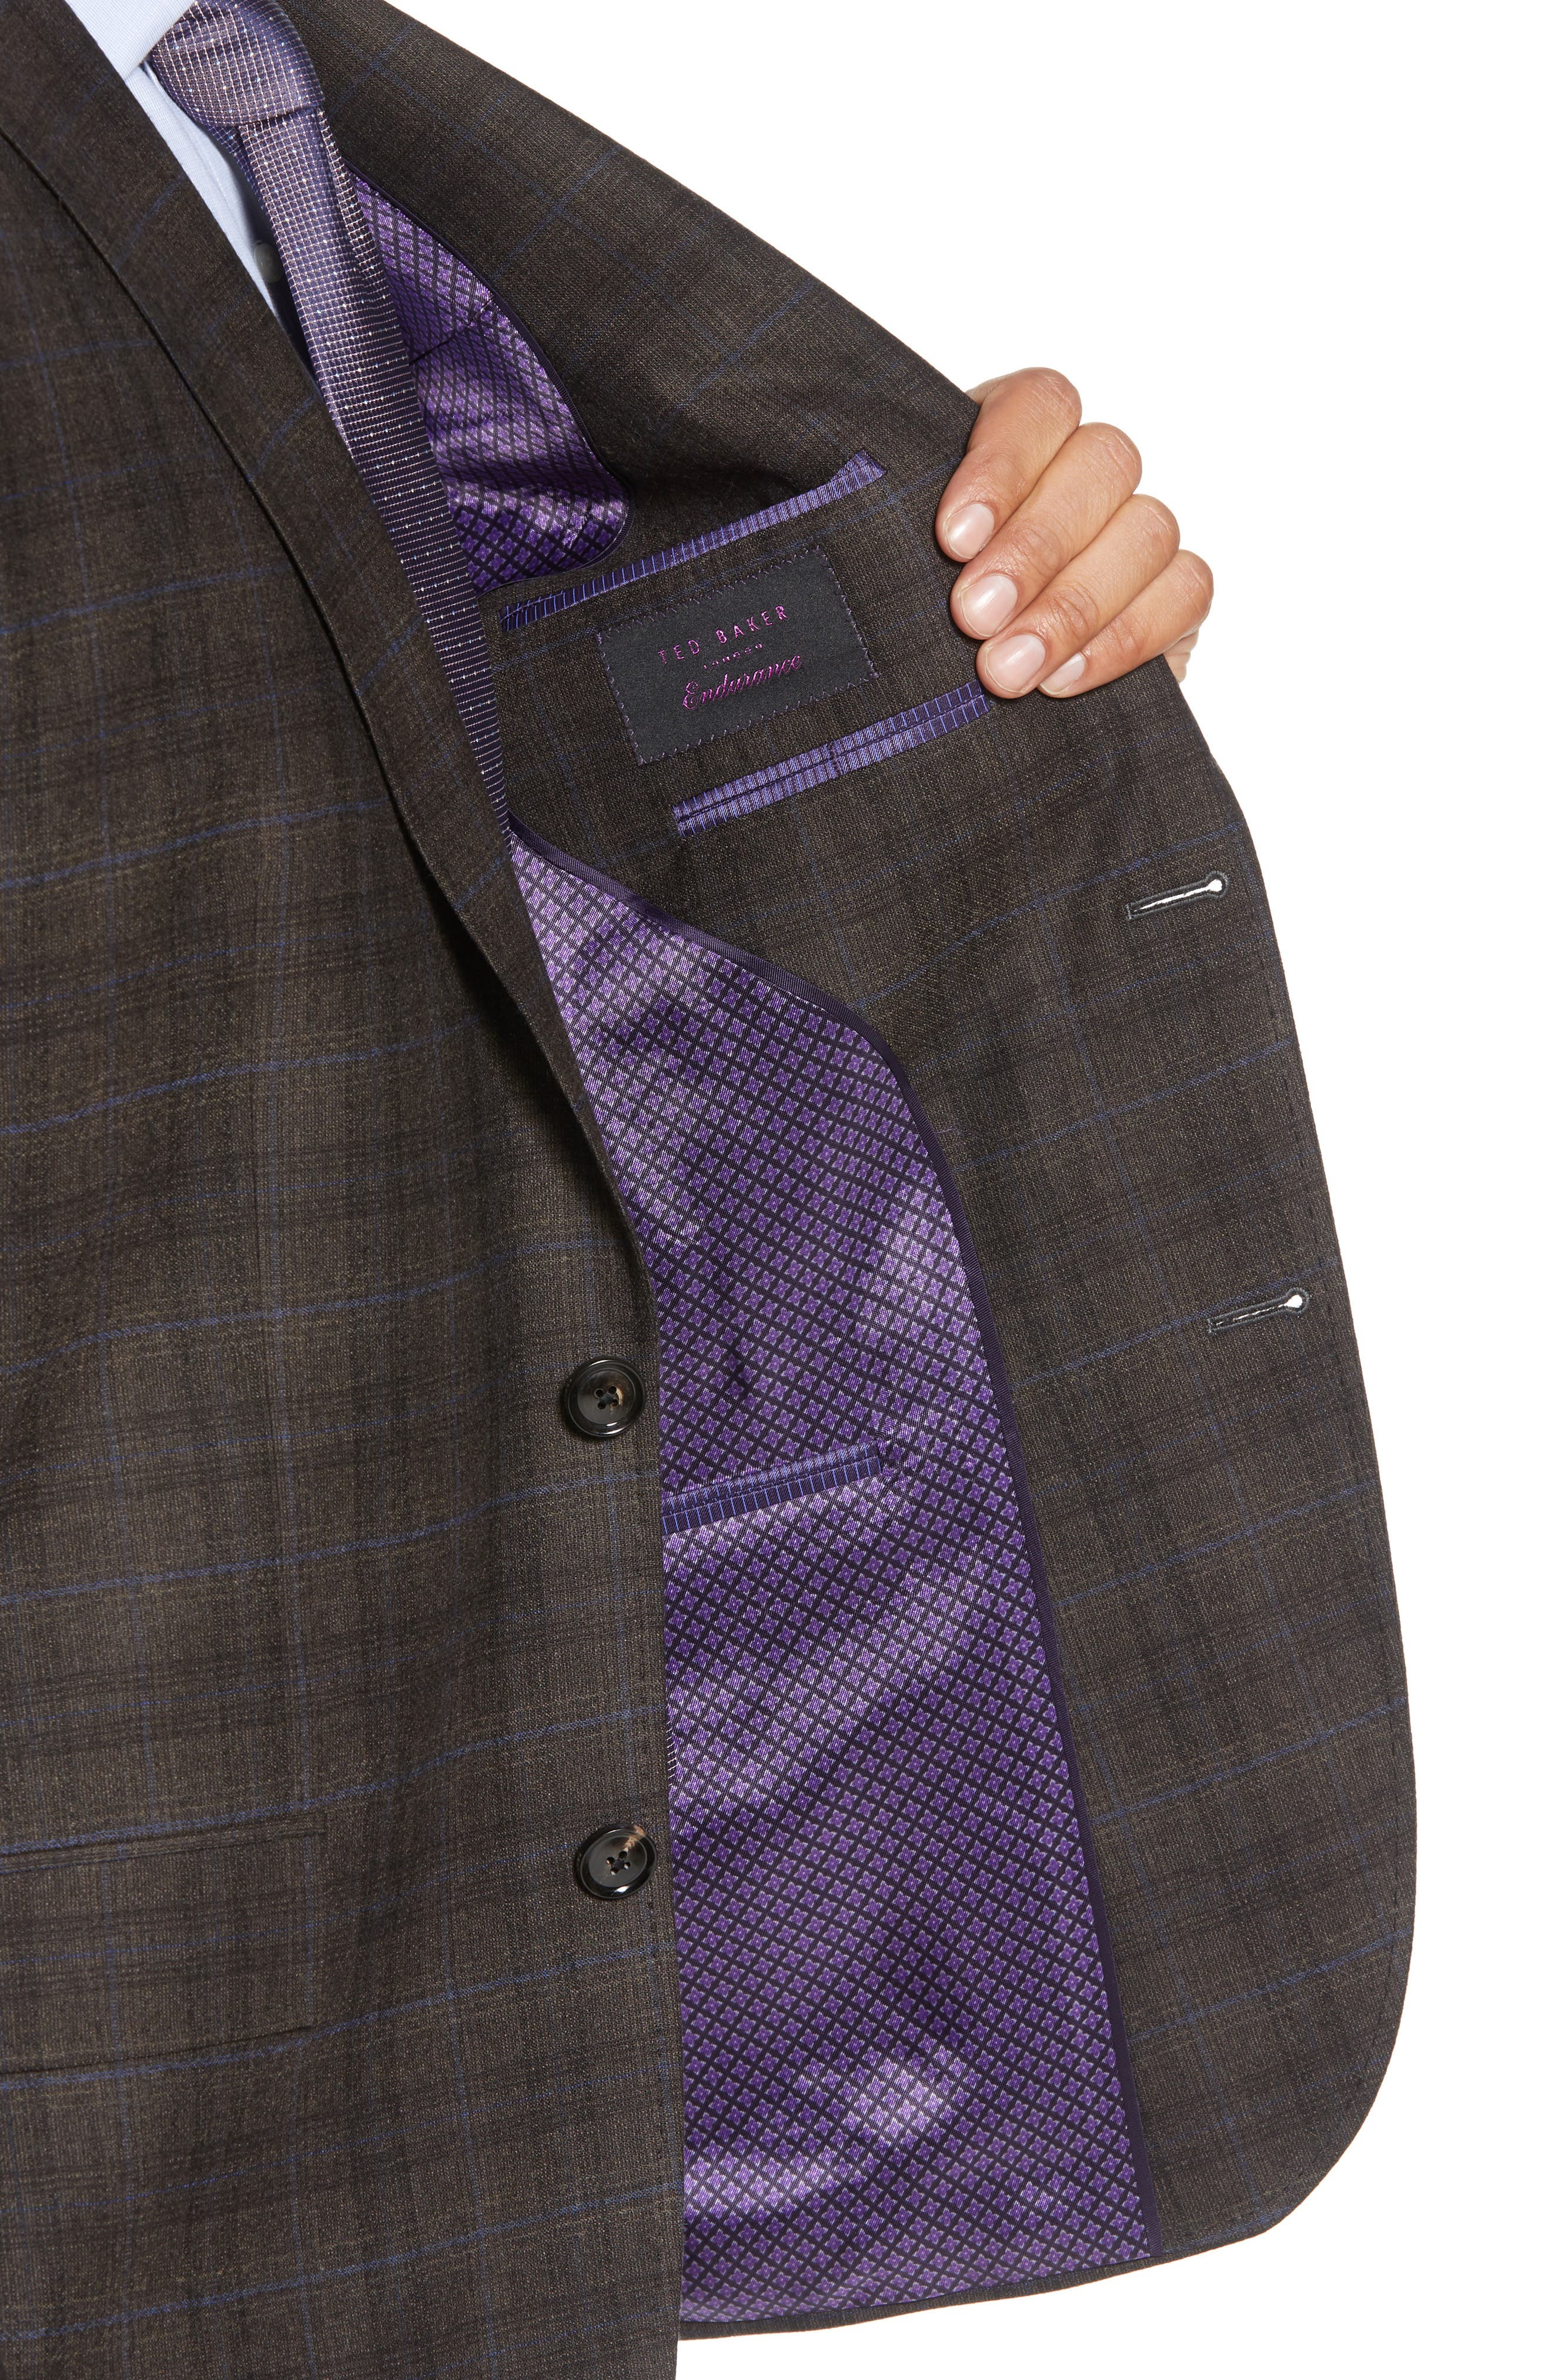 Jay Trim Fit Plaid Wool Suit,                             Alternate thumbnail 4, color,                             BROWN PLAID